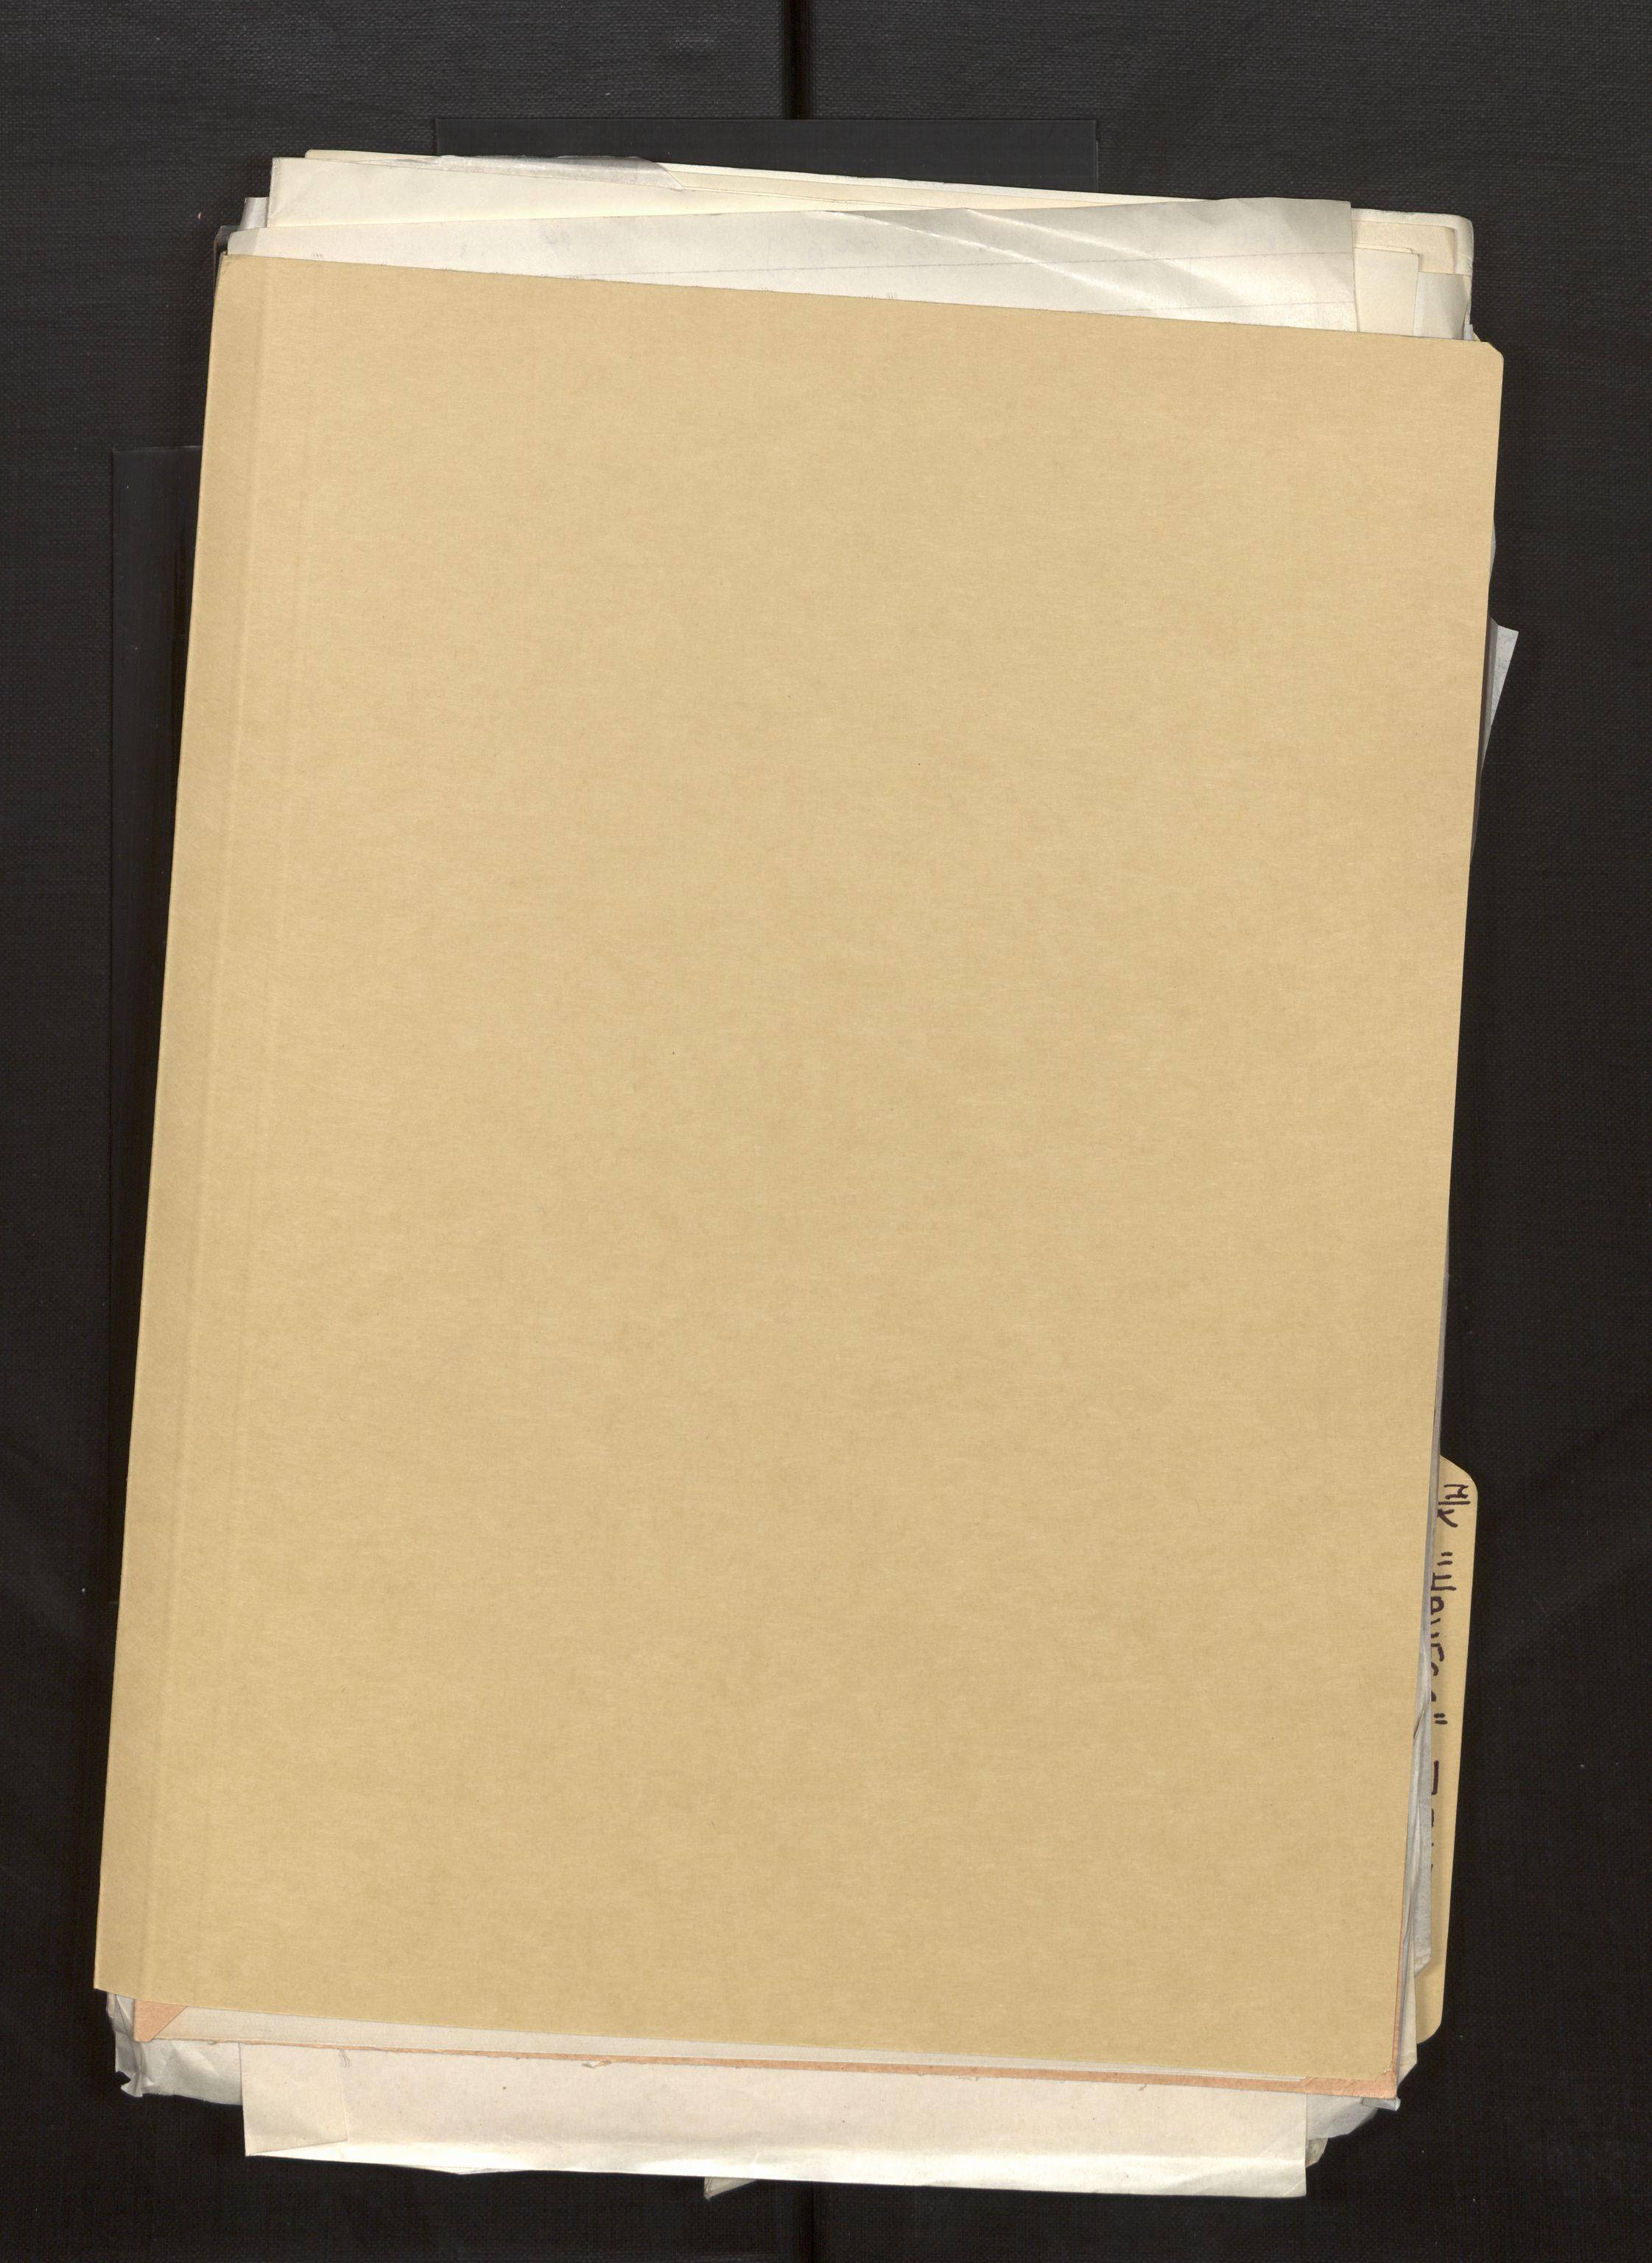 SAB, Fiskeridirektoratet - 1 Adm. ledelse - 13 Båtkontoret, La/L0042: Statens krigsforsikring for fiskeflåten, 1936-1971, p. 460